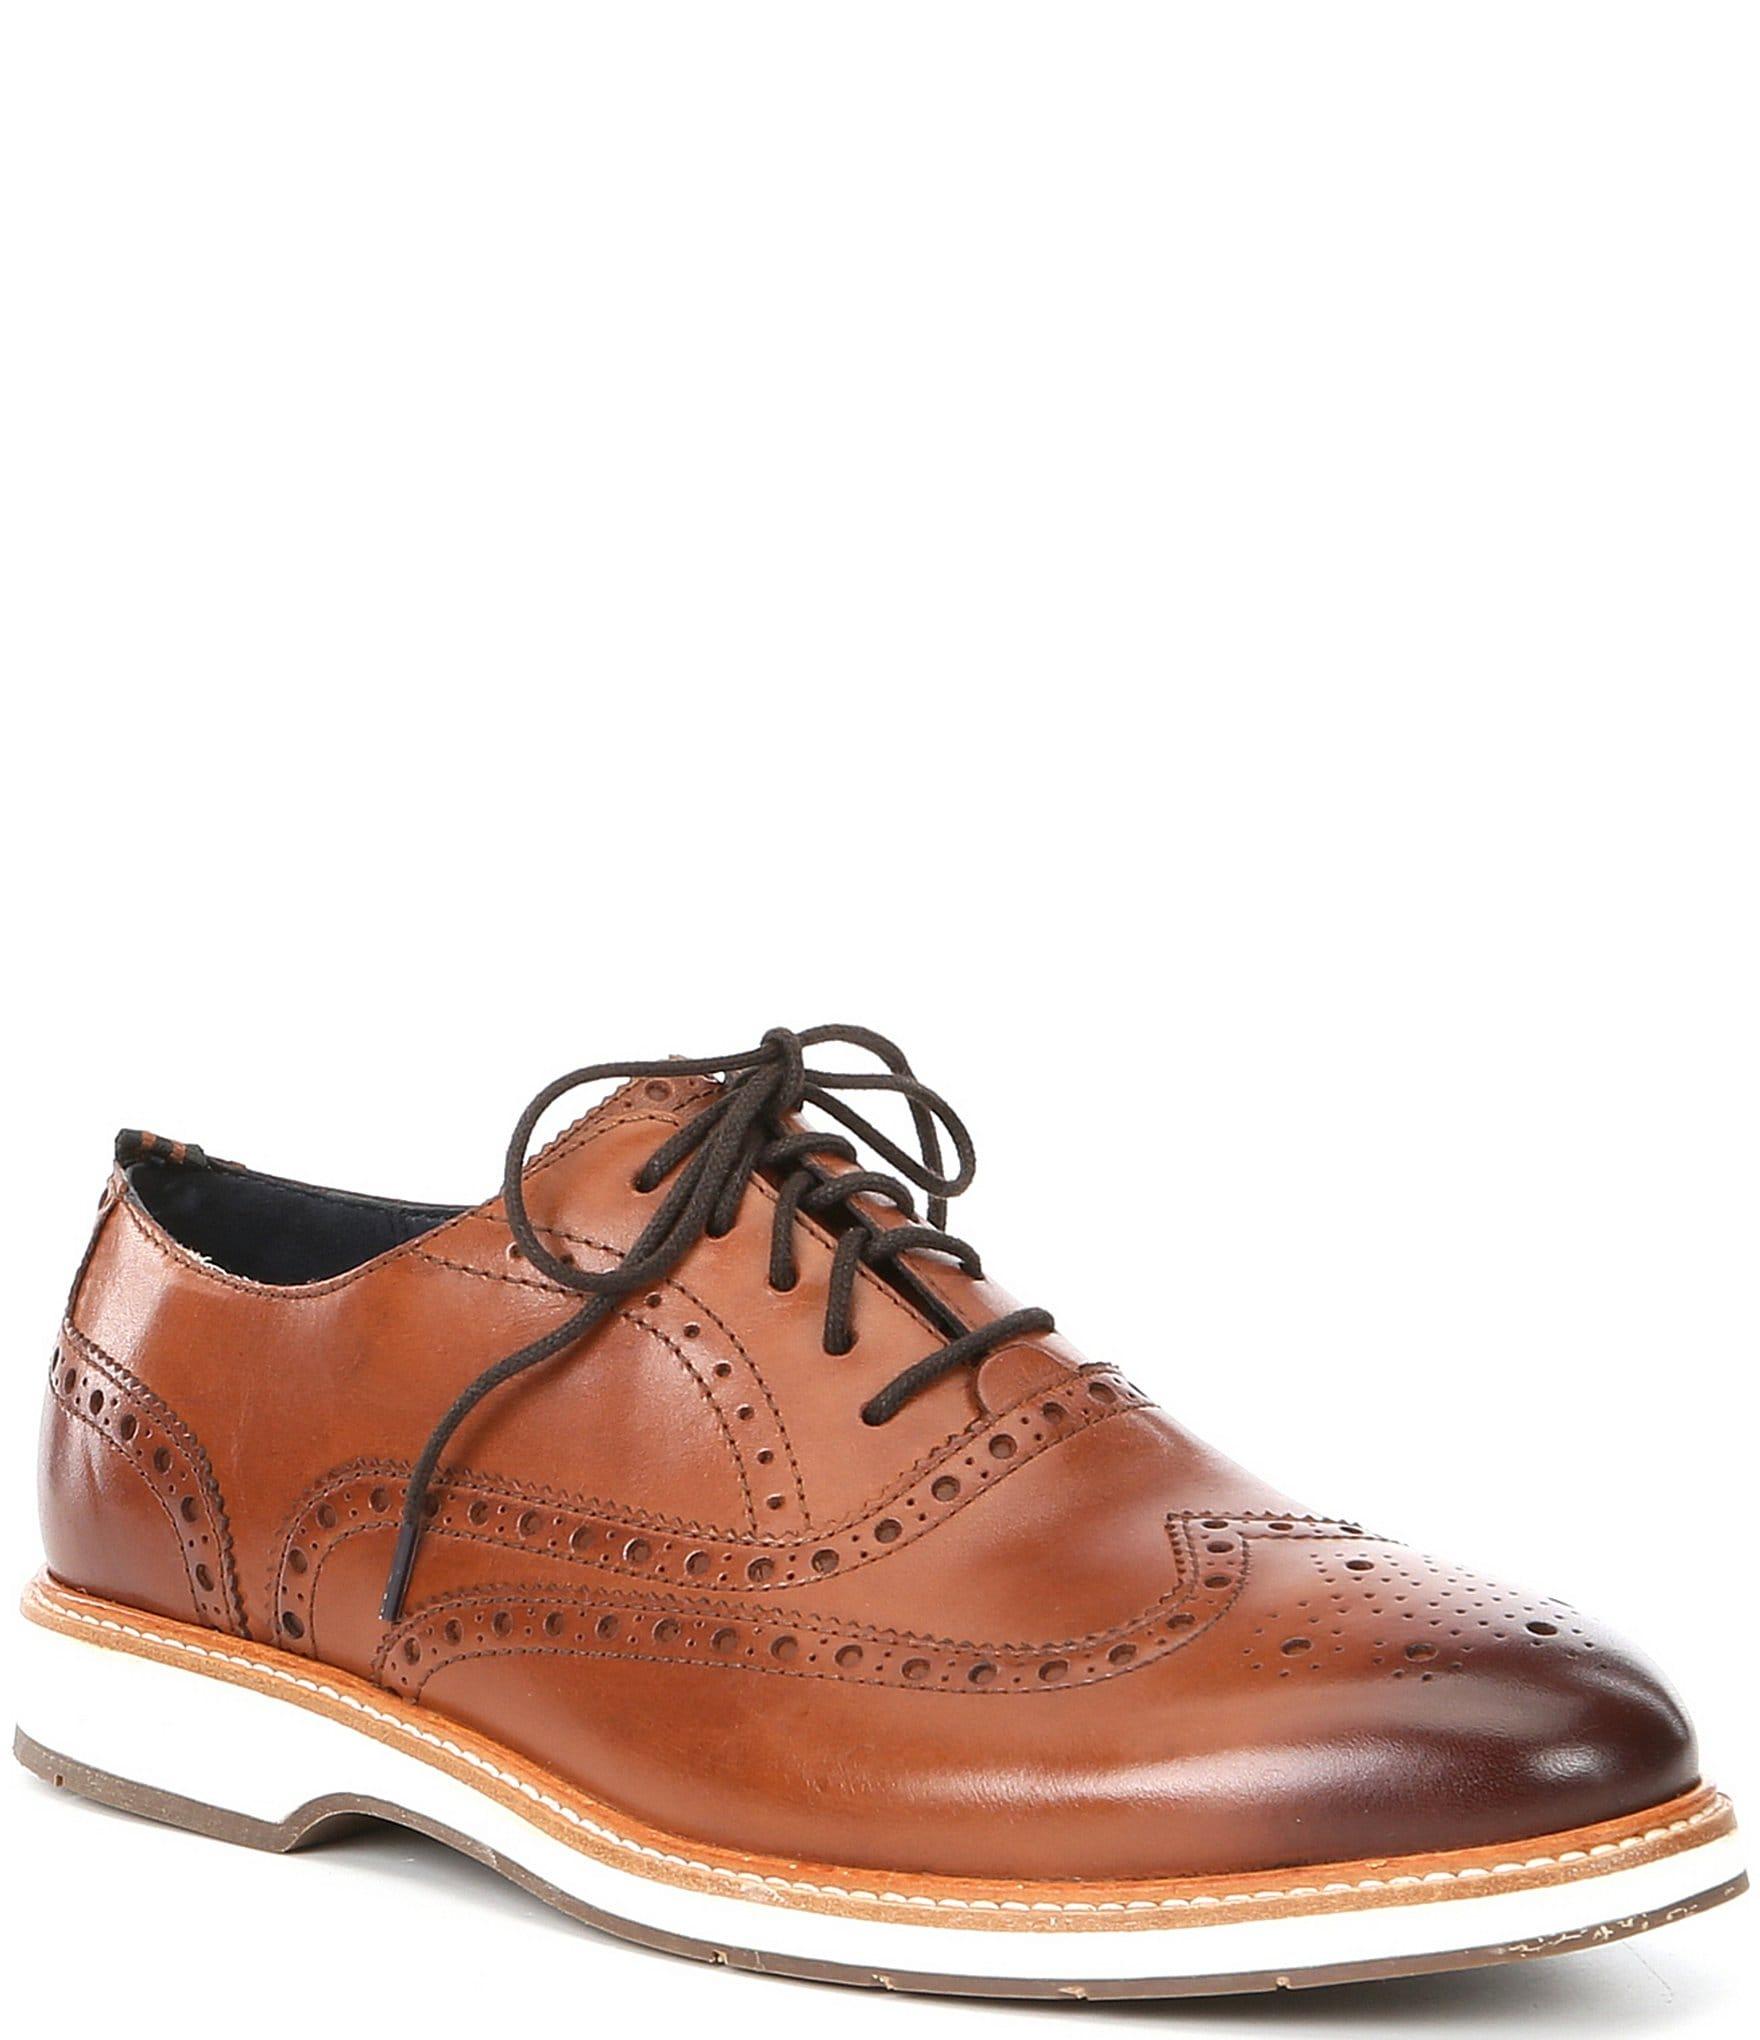 Cole Haan Men's Morris Leather Wingtip